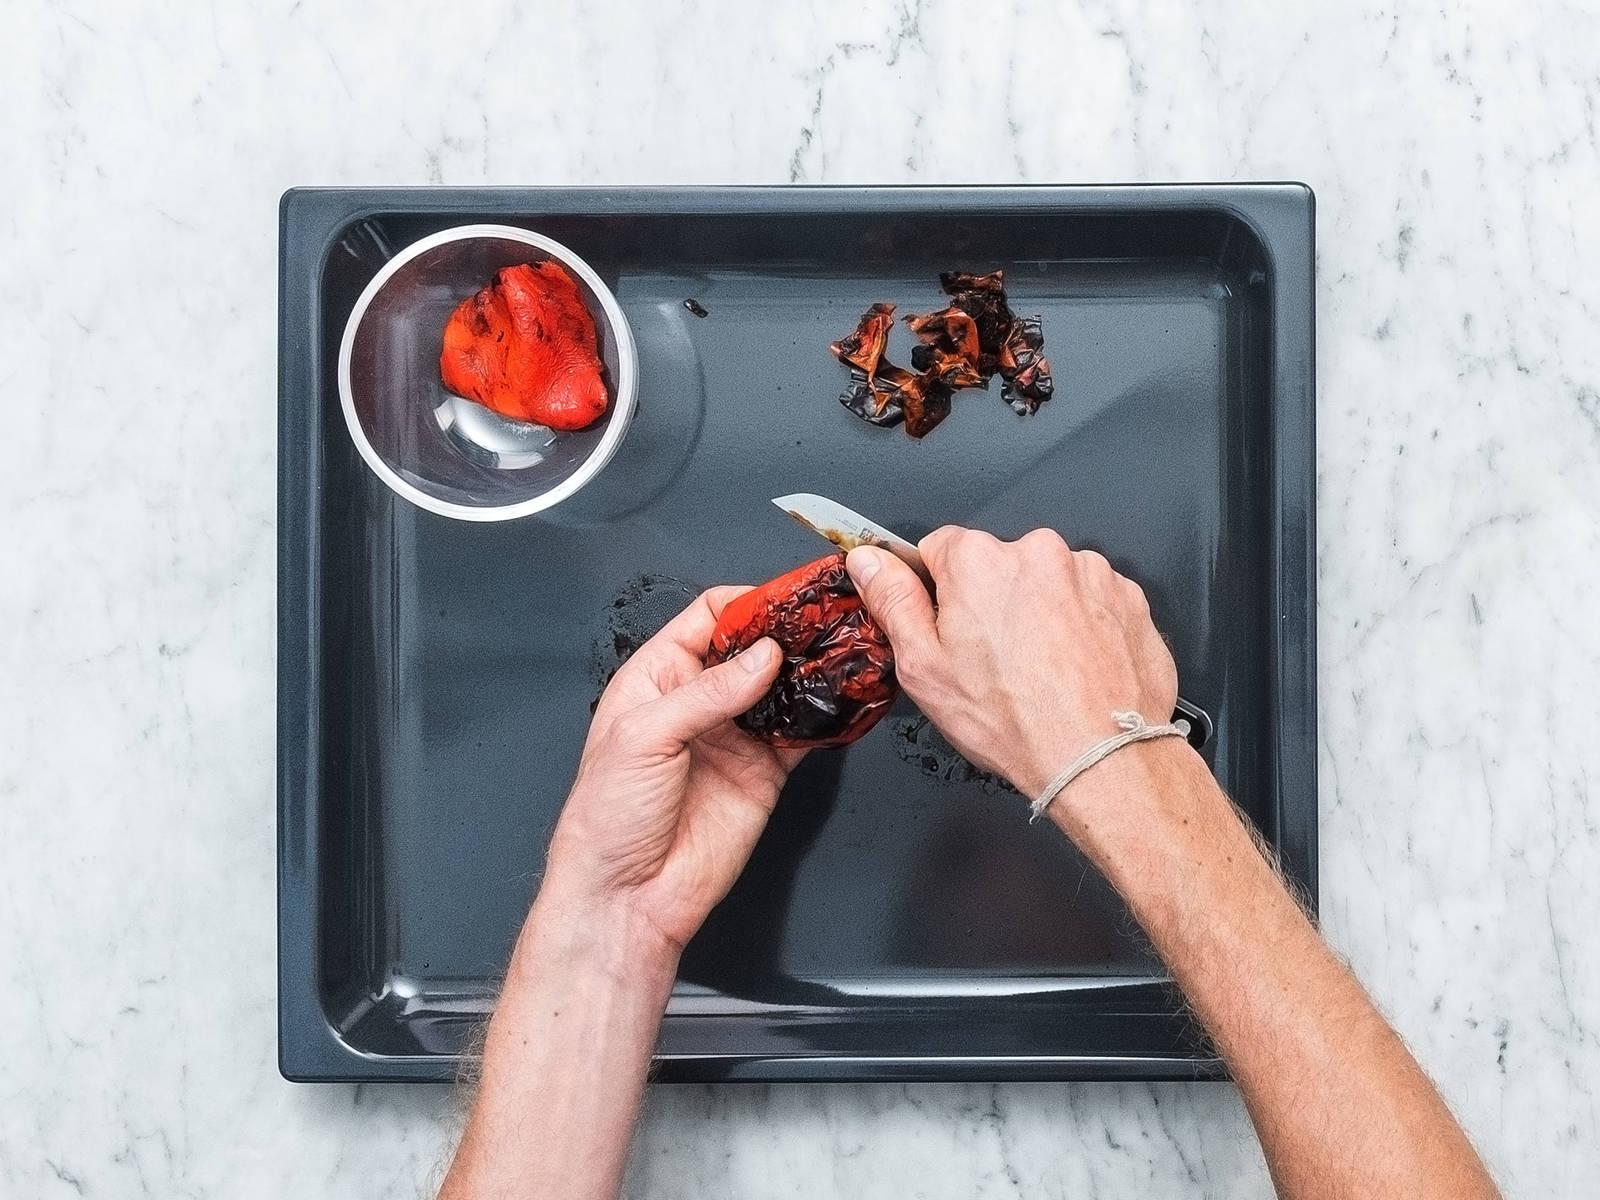 打开烤箱的烧烤功能,以最高火预热。将灯笼椒切半,去籽,并清洗。将灯笼椒的外部一面朝上,放到烤盘上,以高温烤10分钟,直至其外皮完全变黑。从烤箱中取出,盖上微湿厨房纸,放凉。用刀刮去灯笼椒烧黑的外皮,弃用。